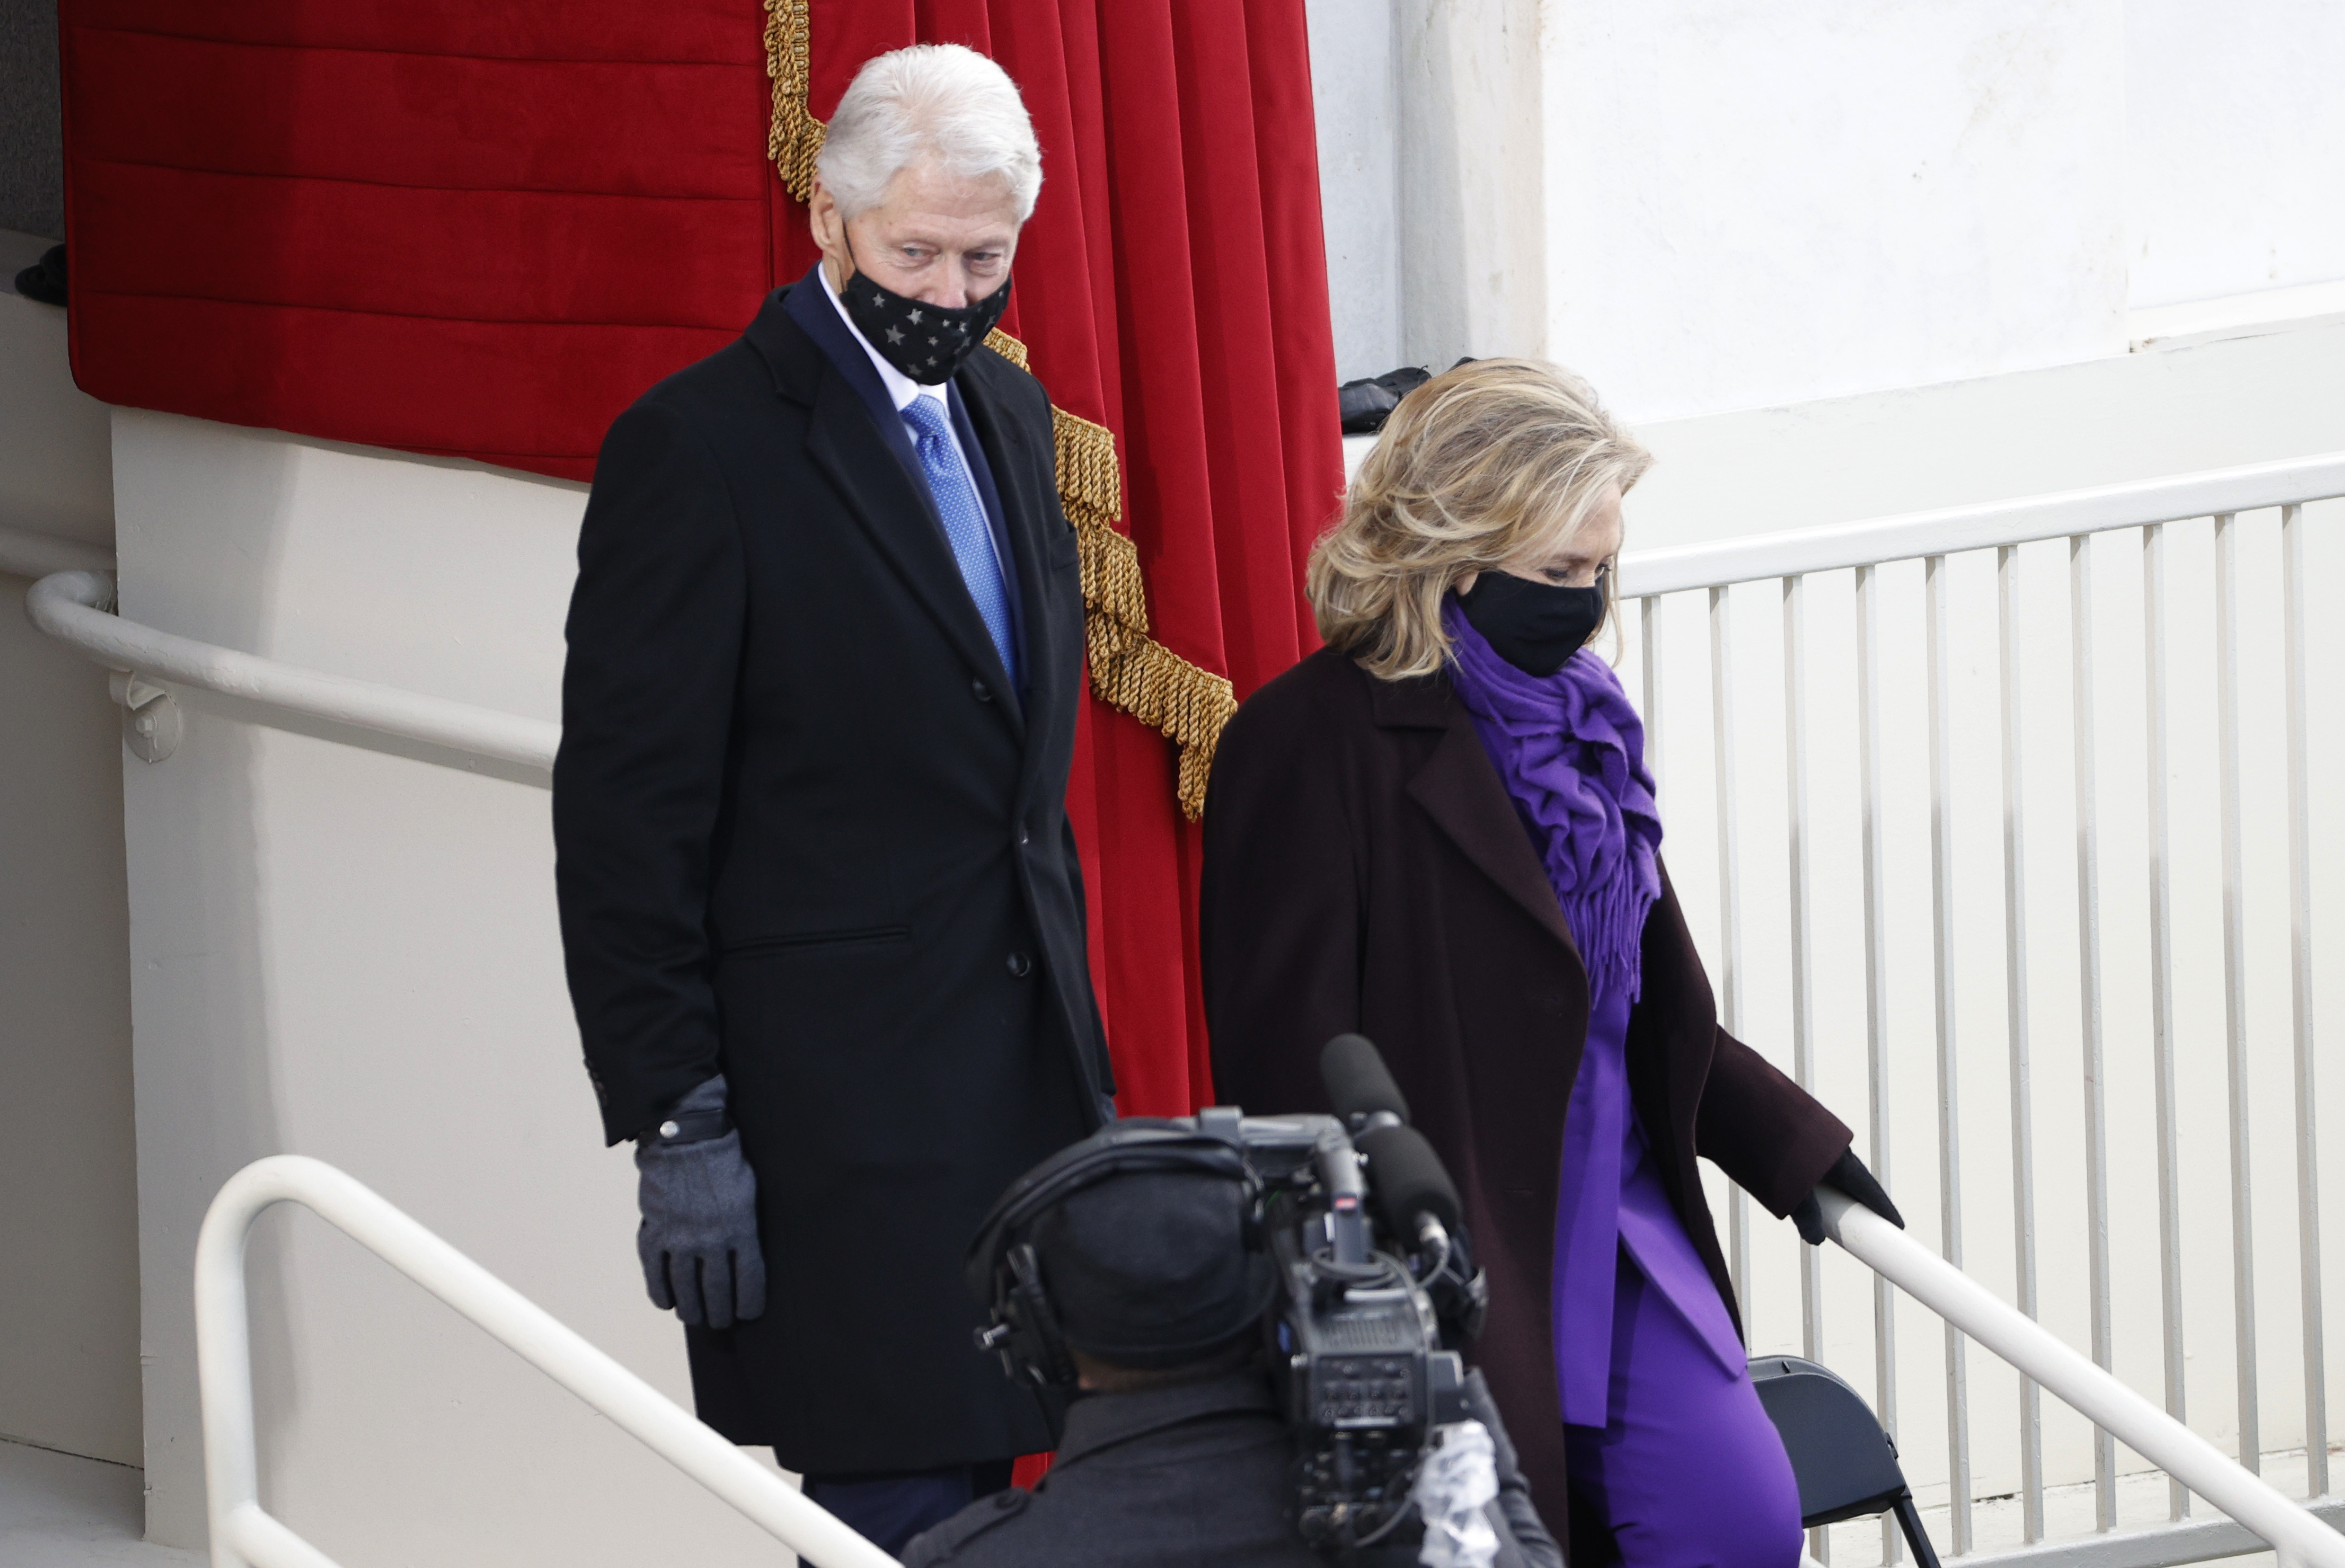 الرئيس الأسبق بيل كلينتون وزوجته هيلاري